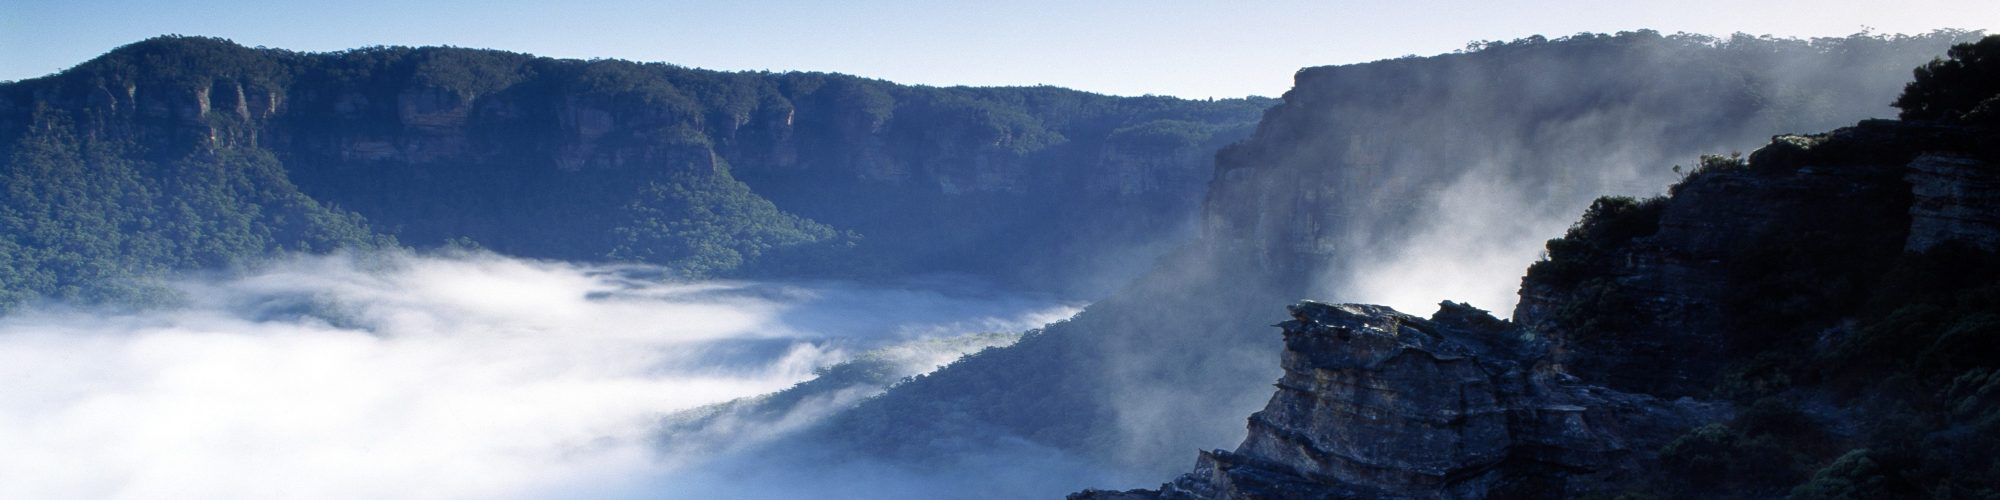 Jamison Valley, Blue Mountains, NSW - Credit: Tourism Australia